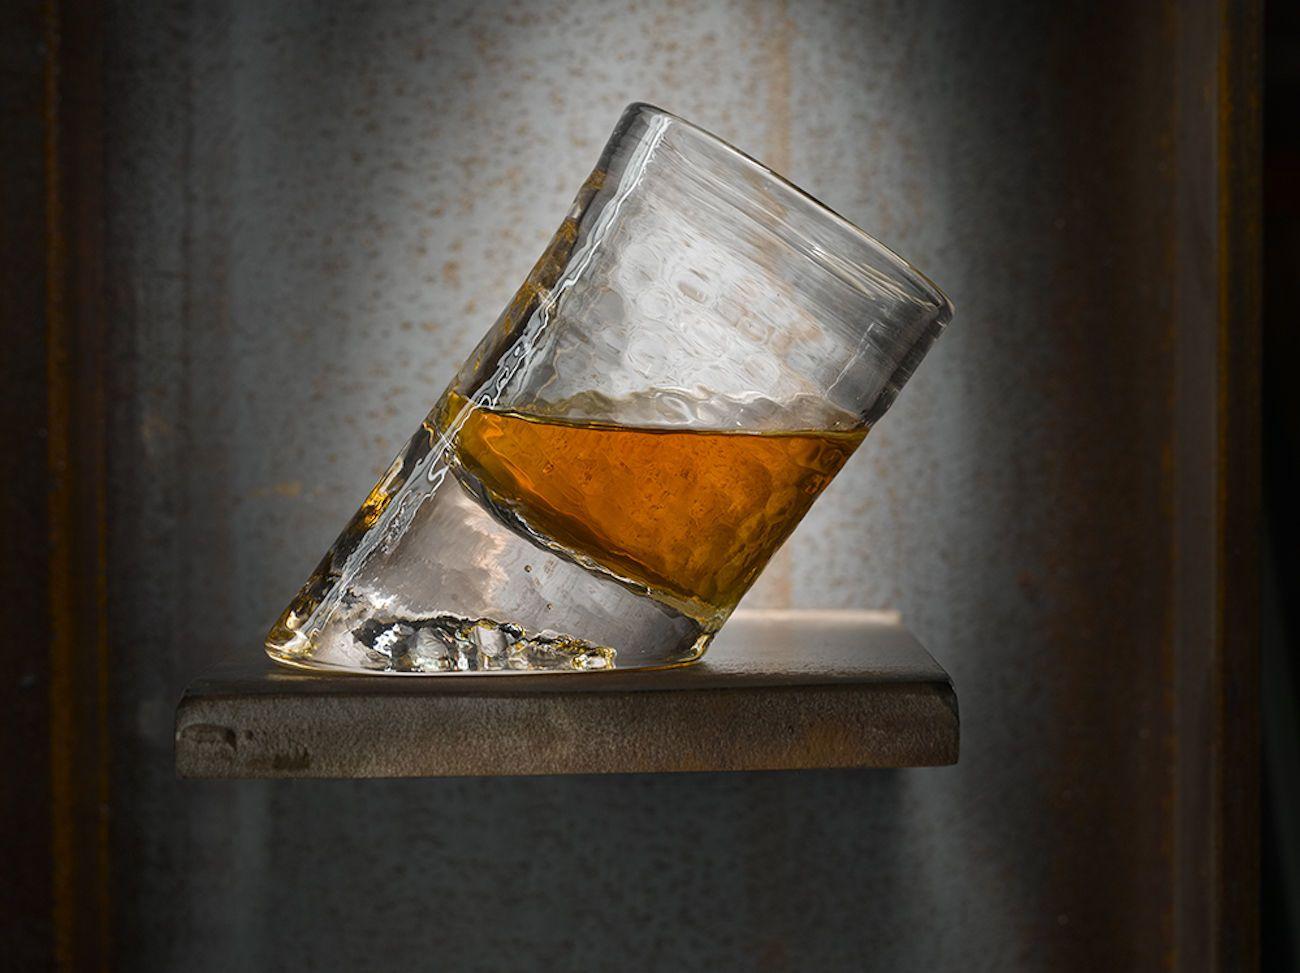 Glassblower+Ben+Slanted+Bar+Glasses